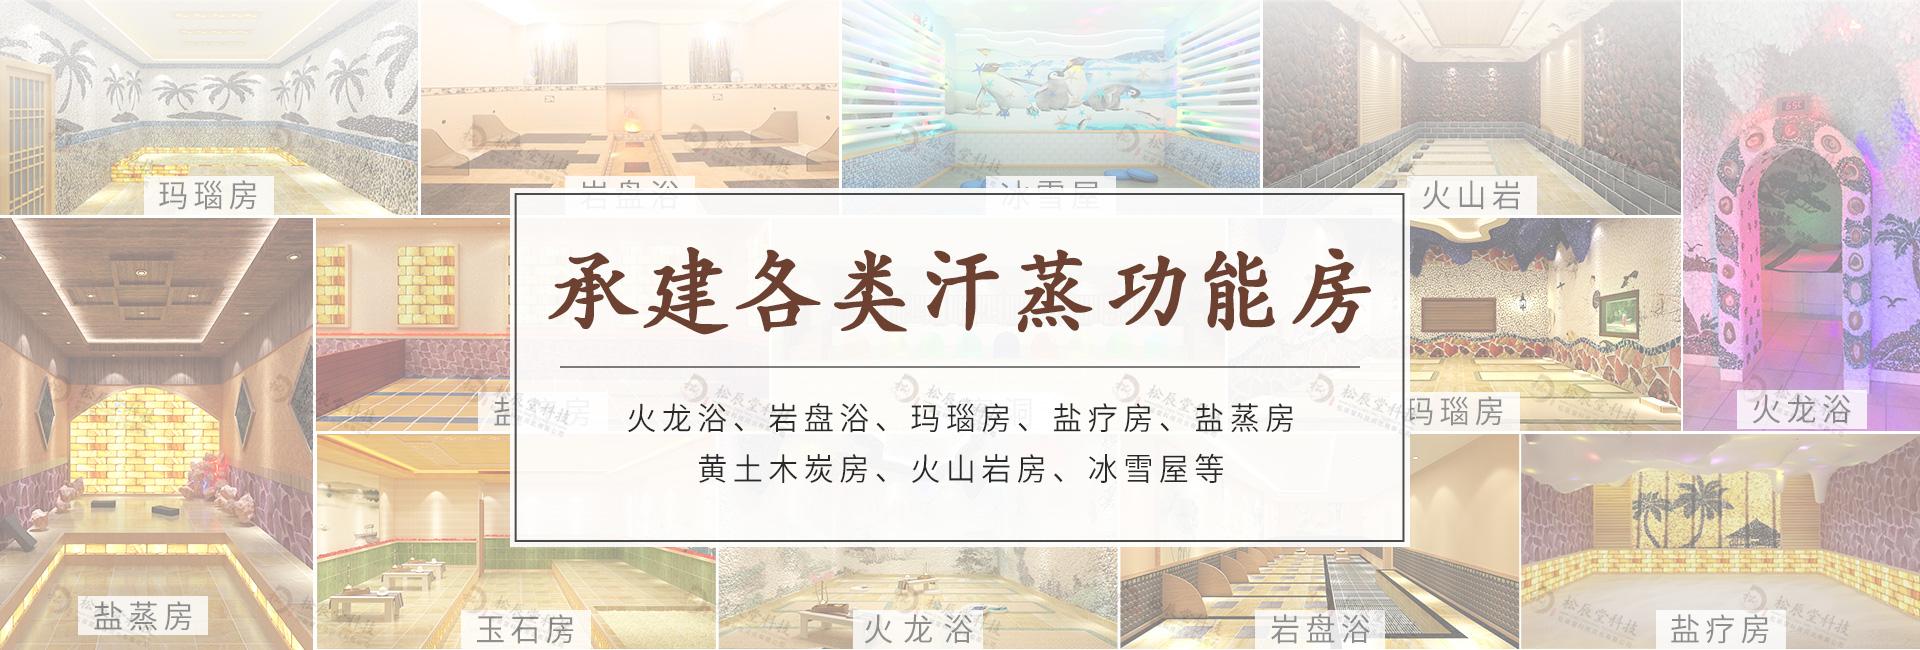 松辰堂科技专注各类汗蒸房的安装承建